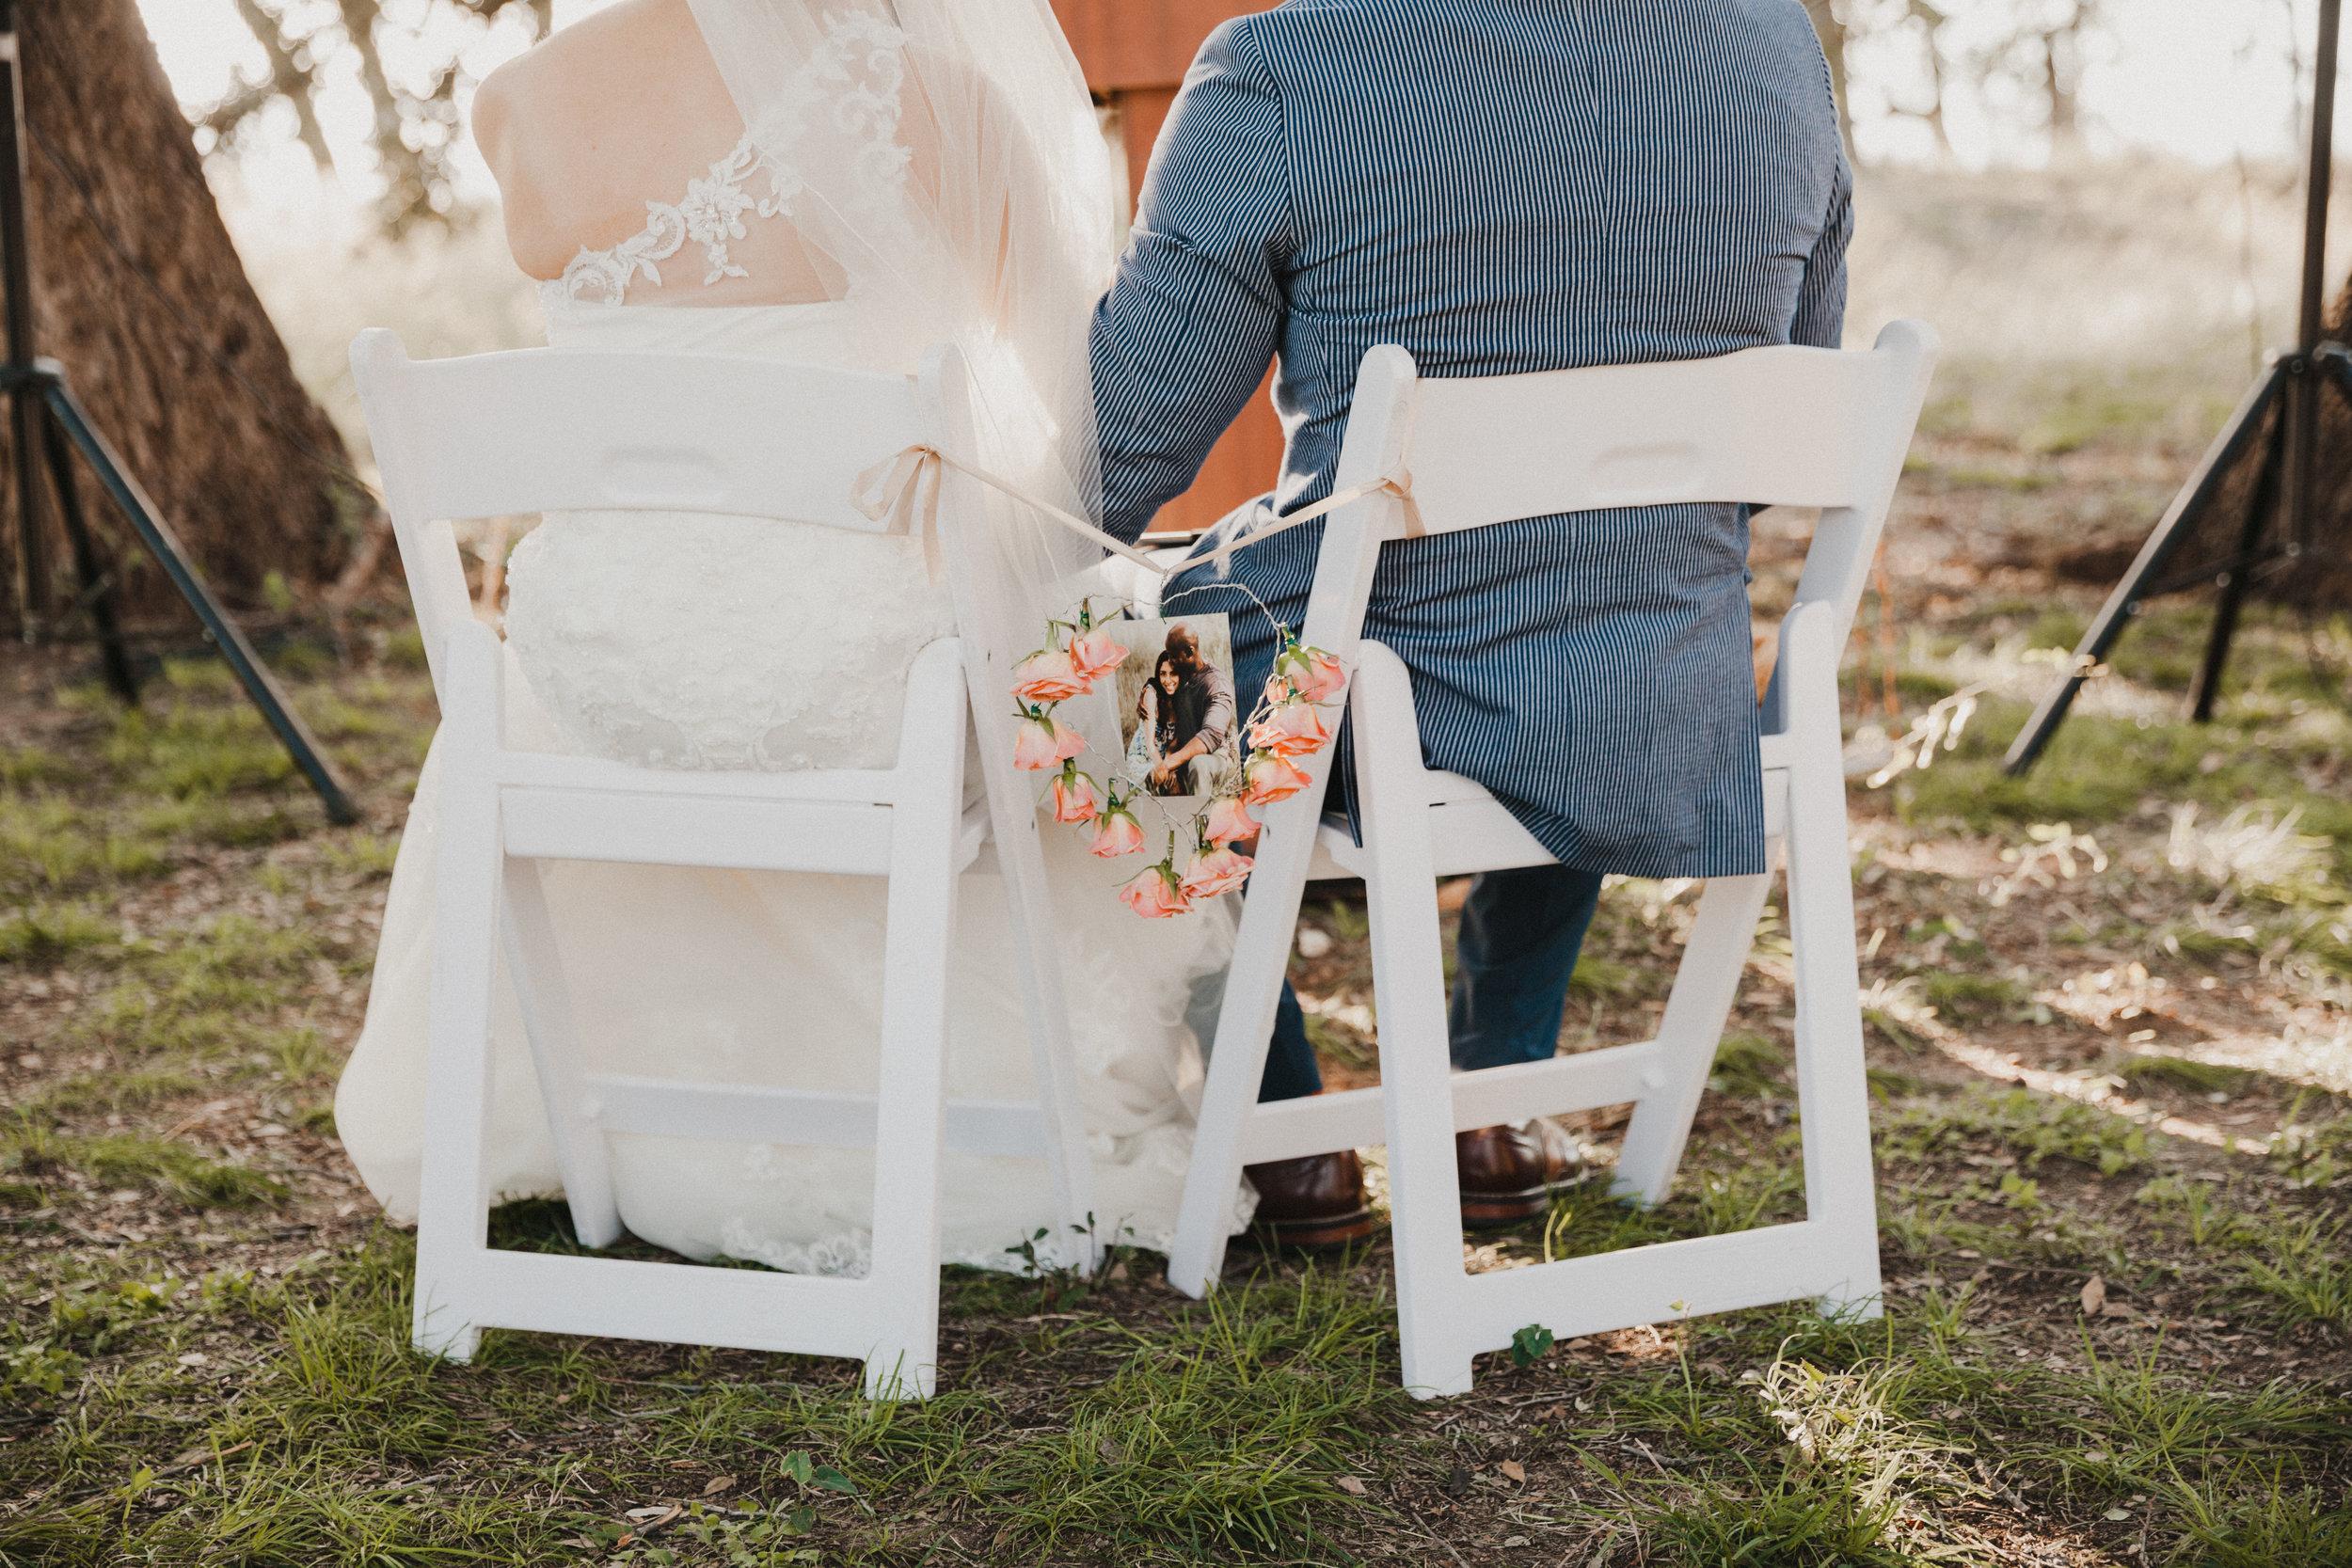 dotw_wedding_ratliff-0592.jpg